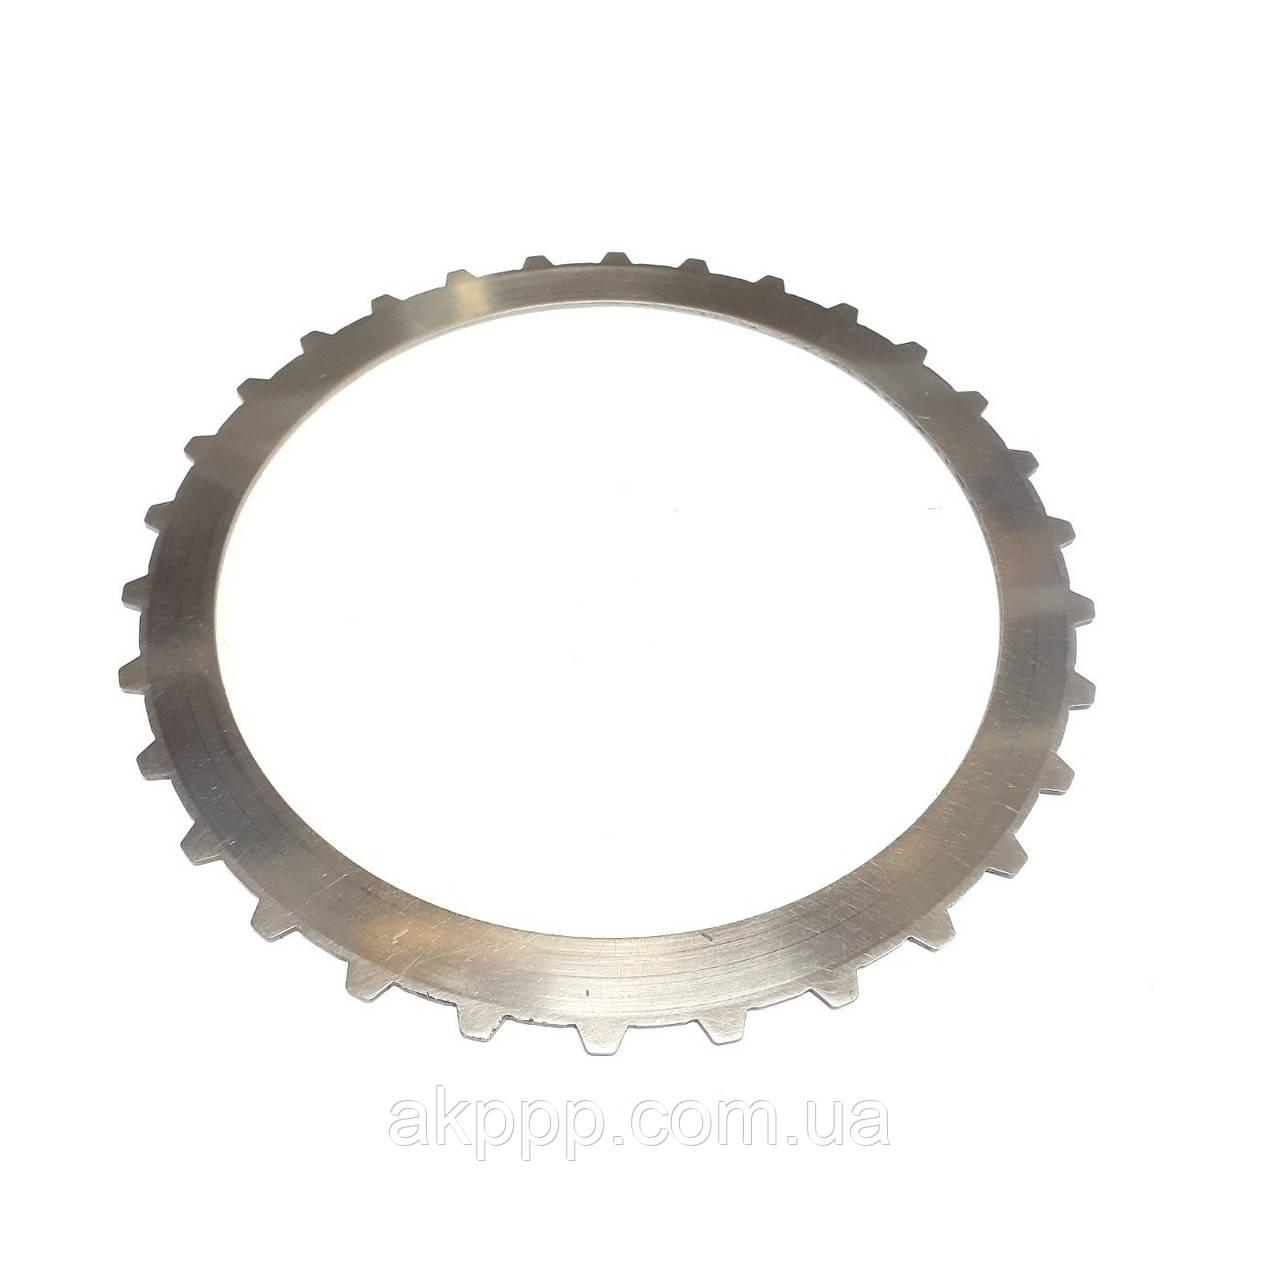 Диск сцепления акпп 722.6 Steel Plate B2 б/у